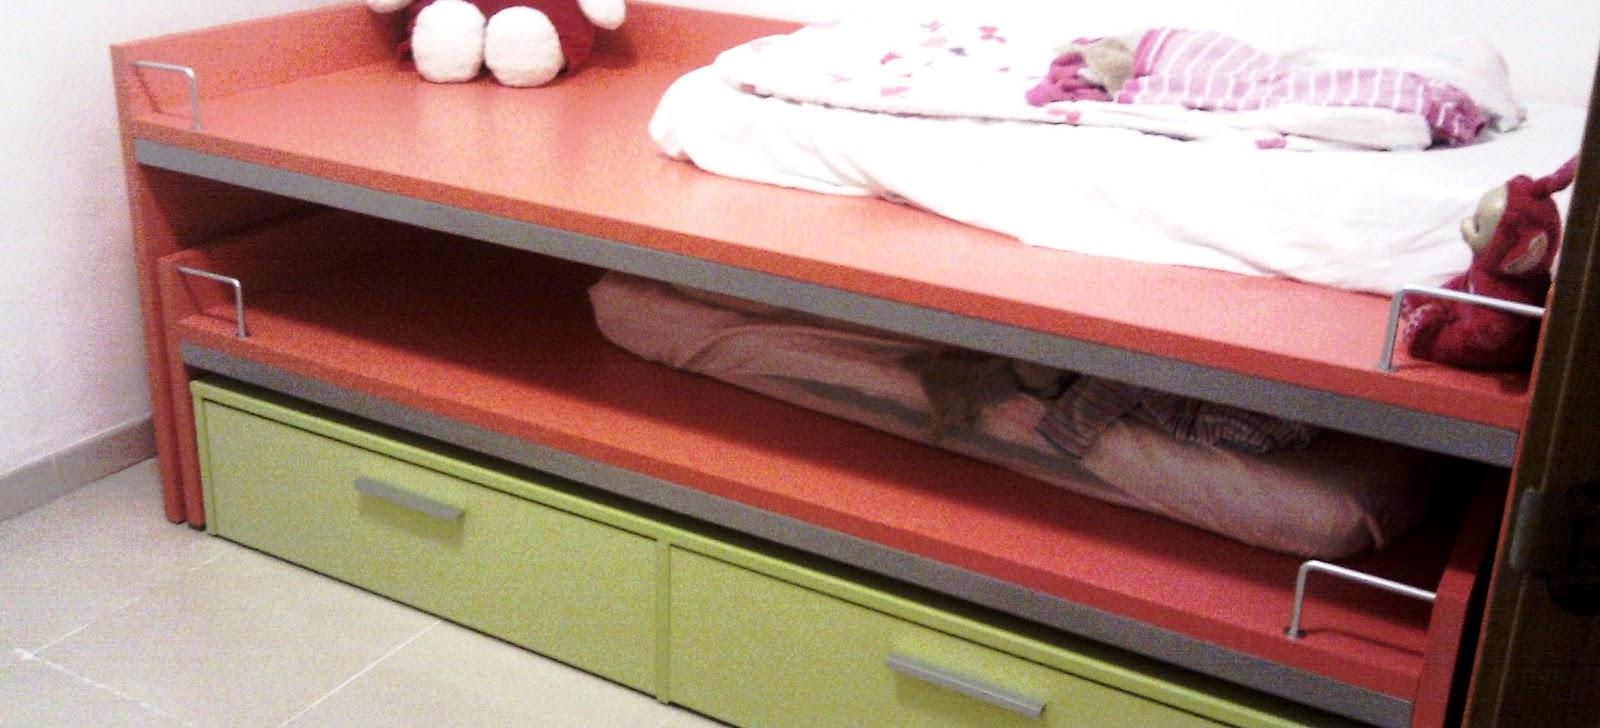 La invasi n twin habitaci n peque a camas grandes - Literas para habitacion pequena ...